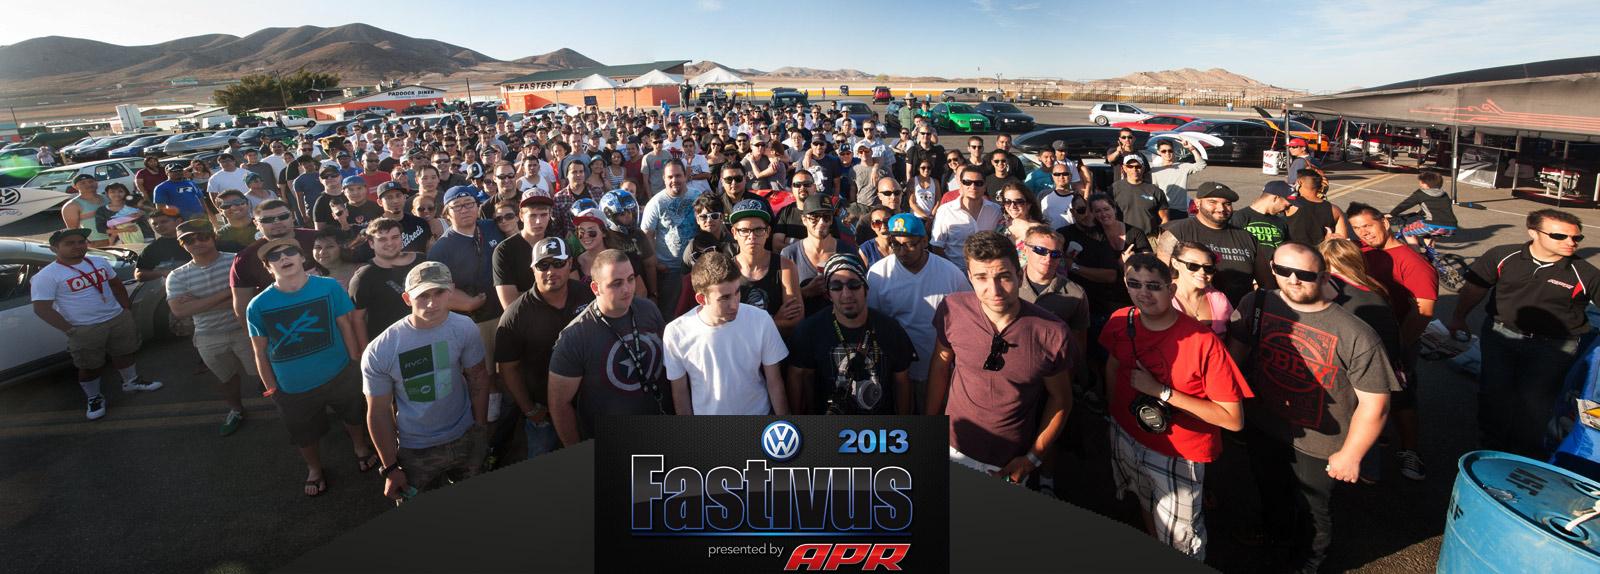 fastivians2 960x344